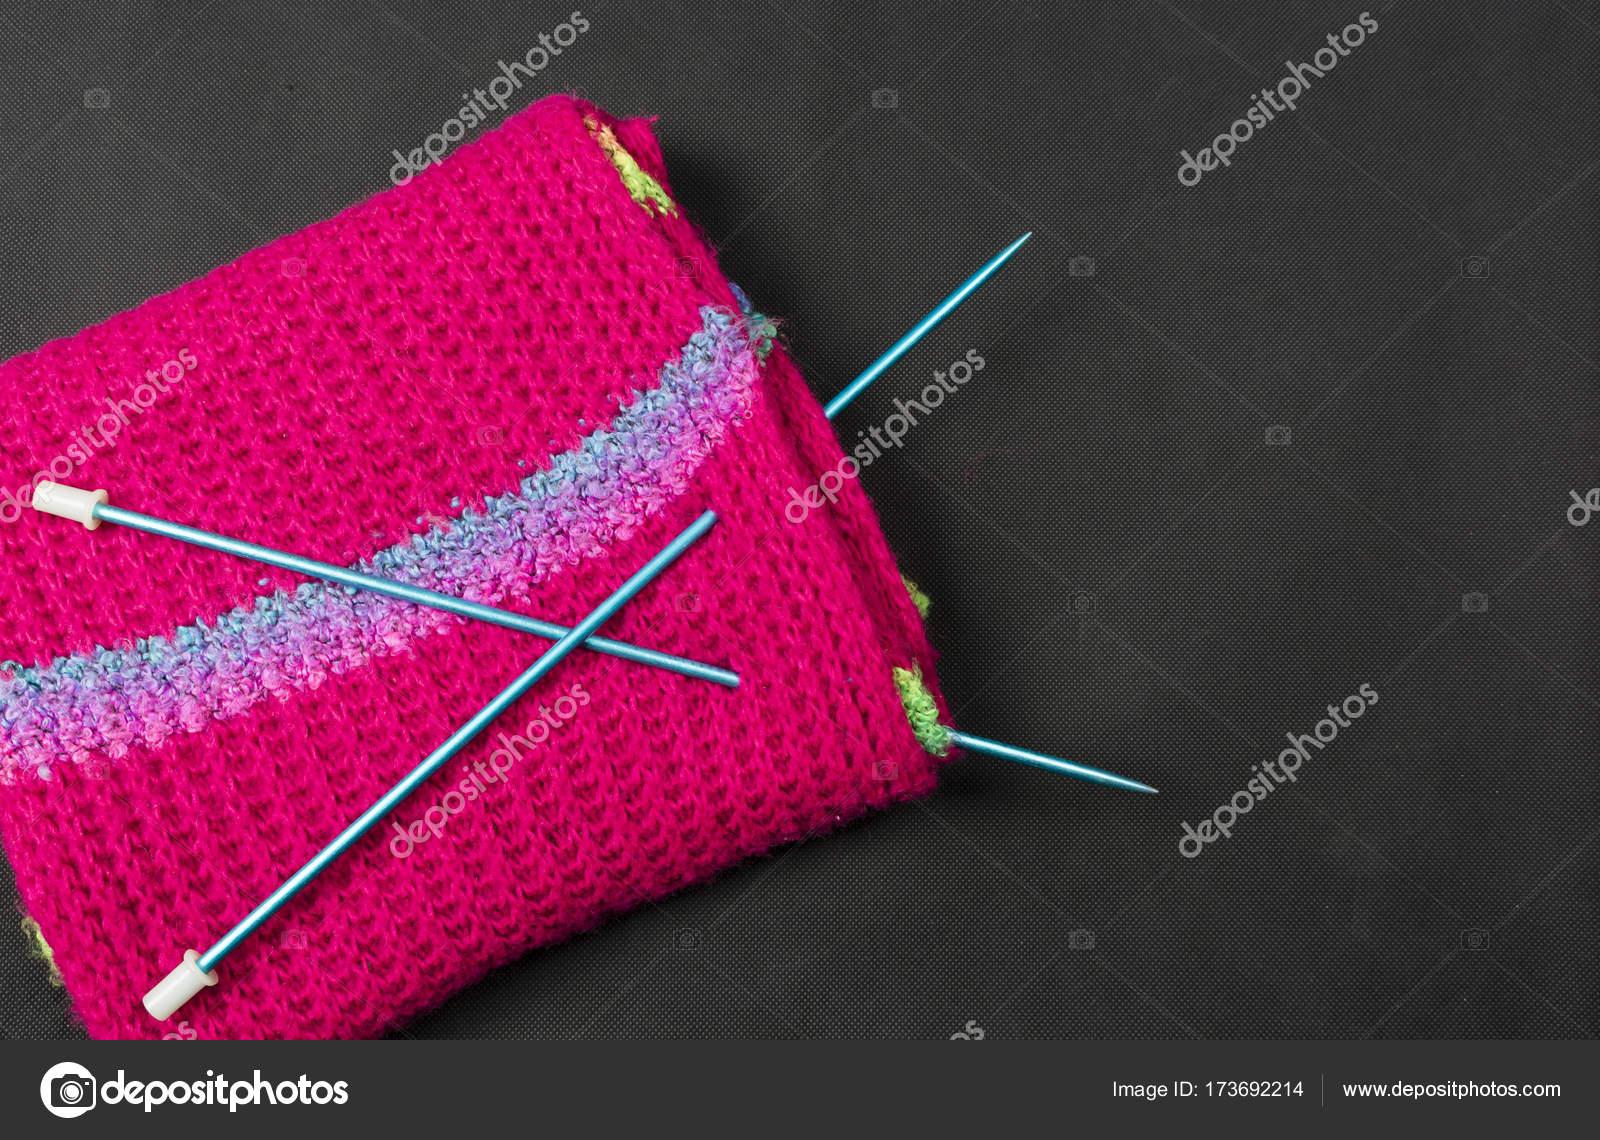 часть образца вязания спицами стоковое фото Gubernat 173692214